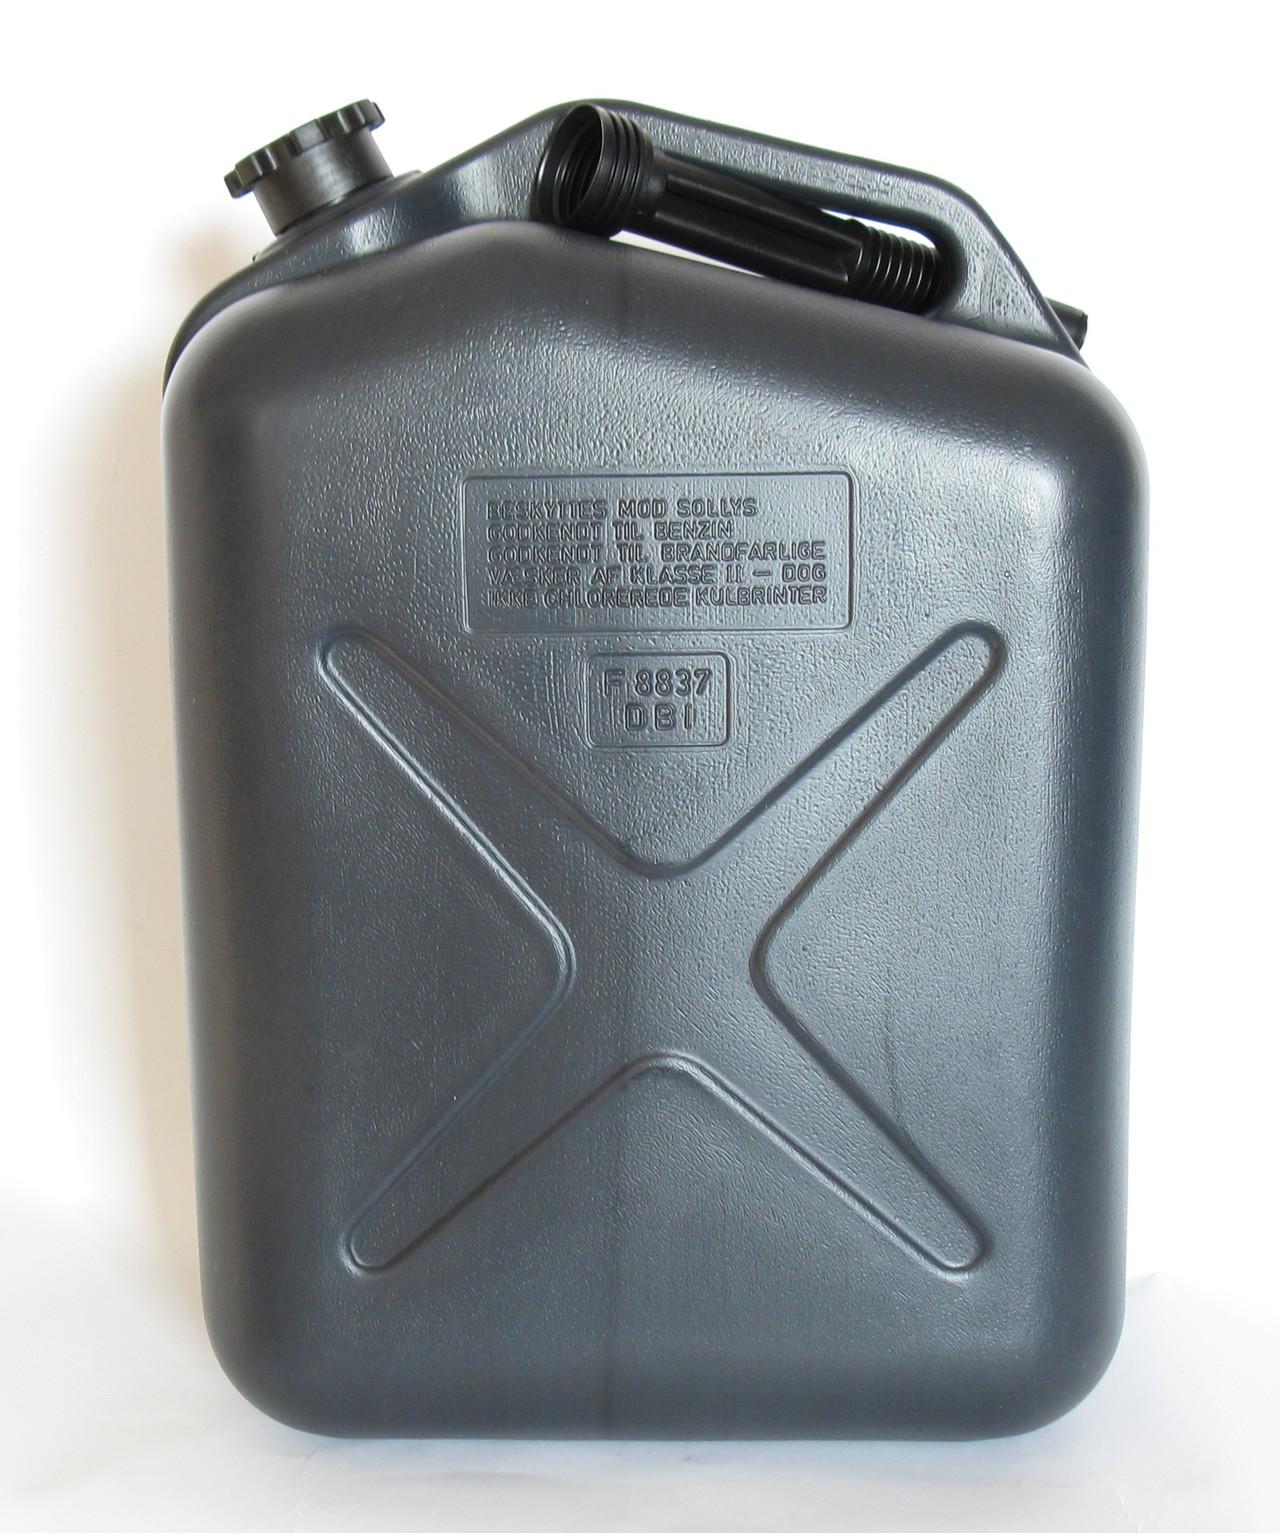 Dejlig Benzindunk 25 liter m/ tud IJ-72